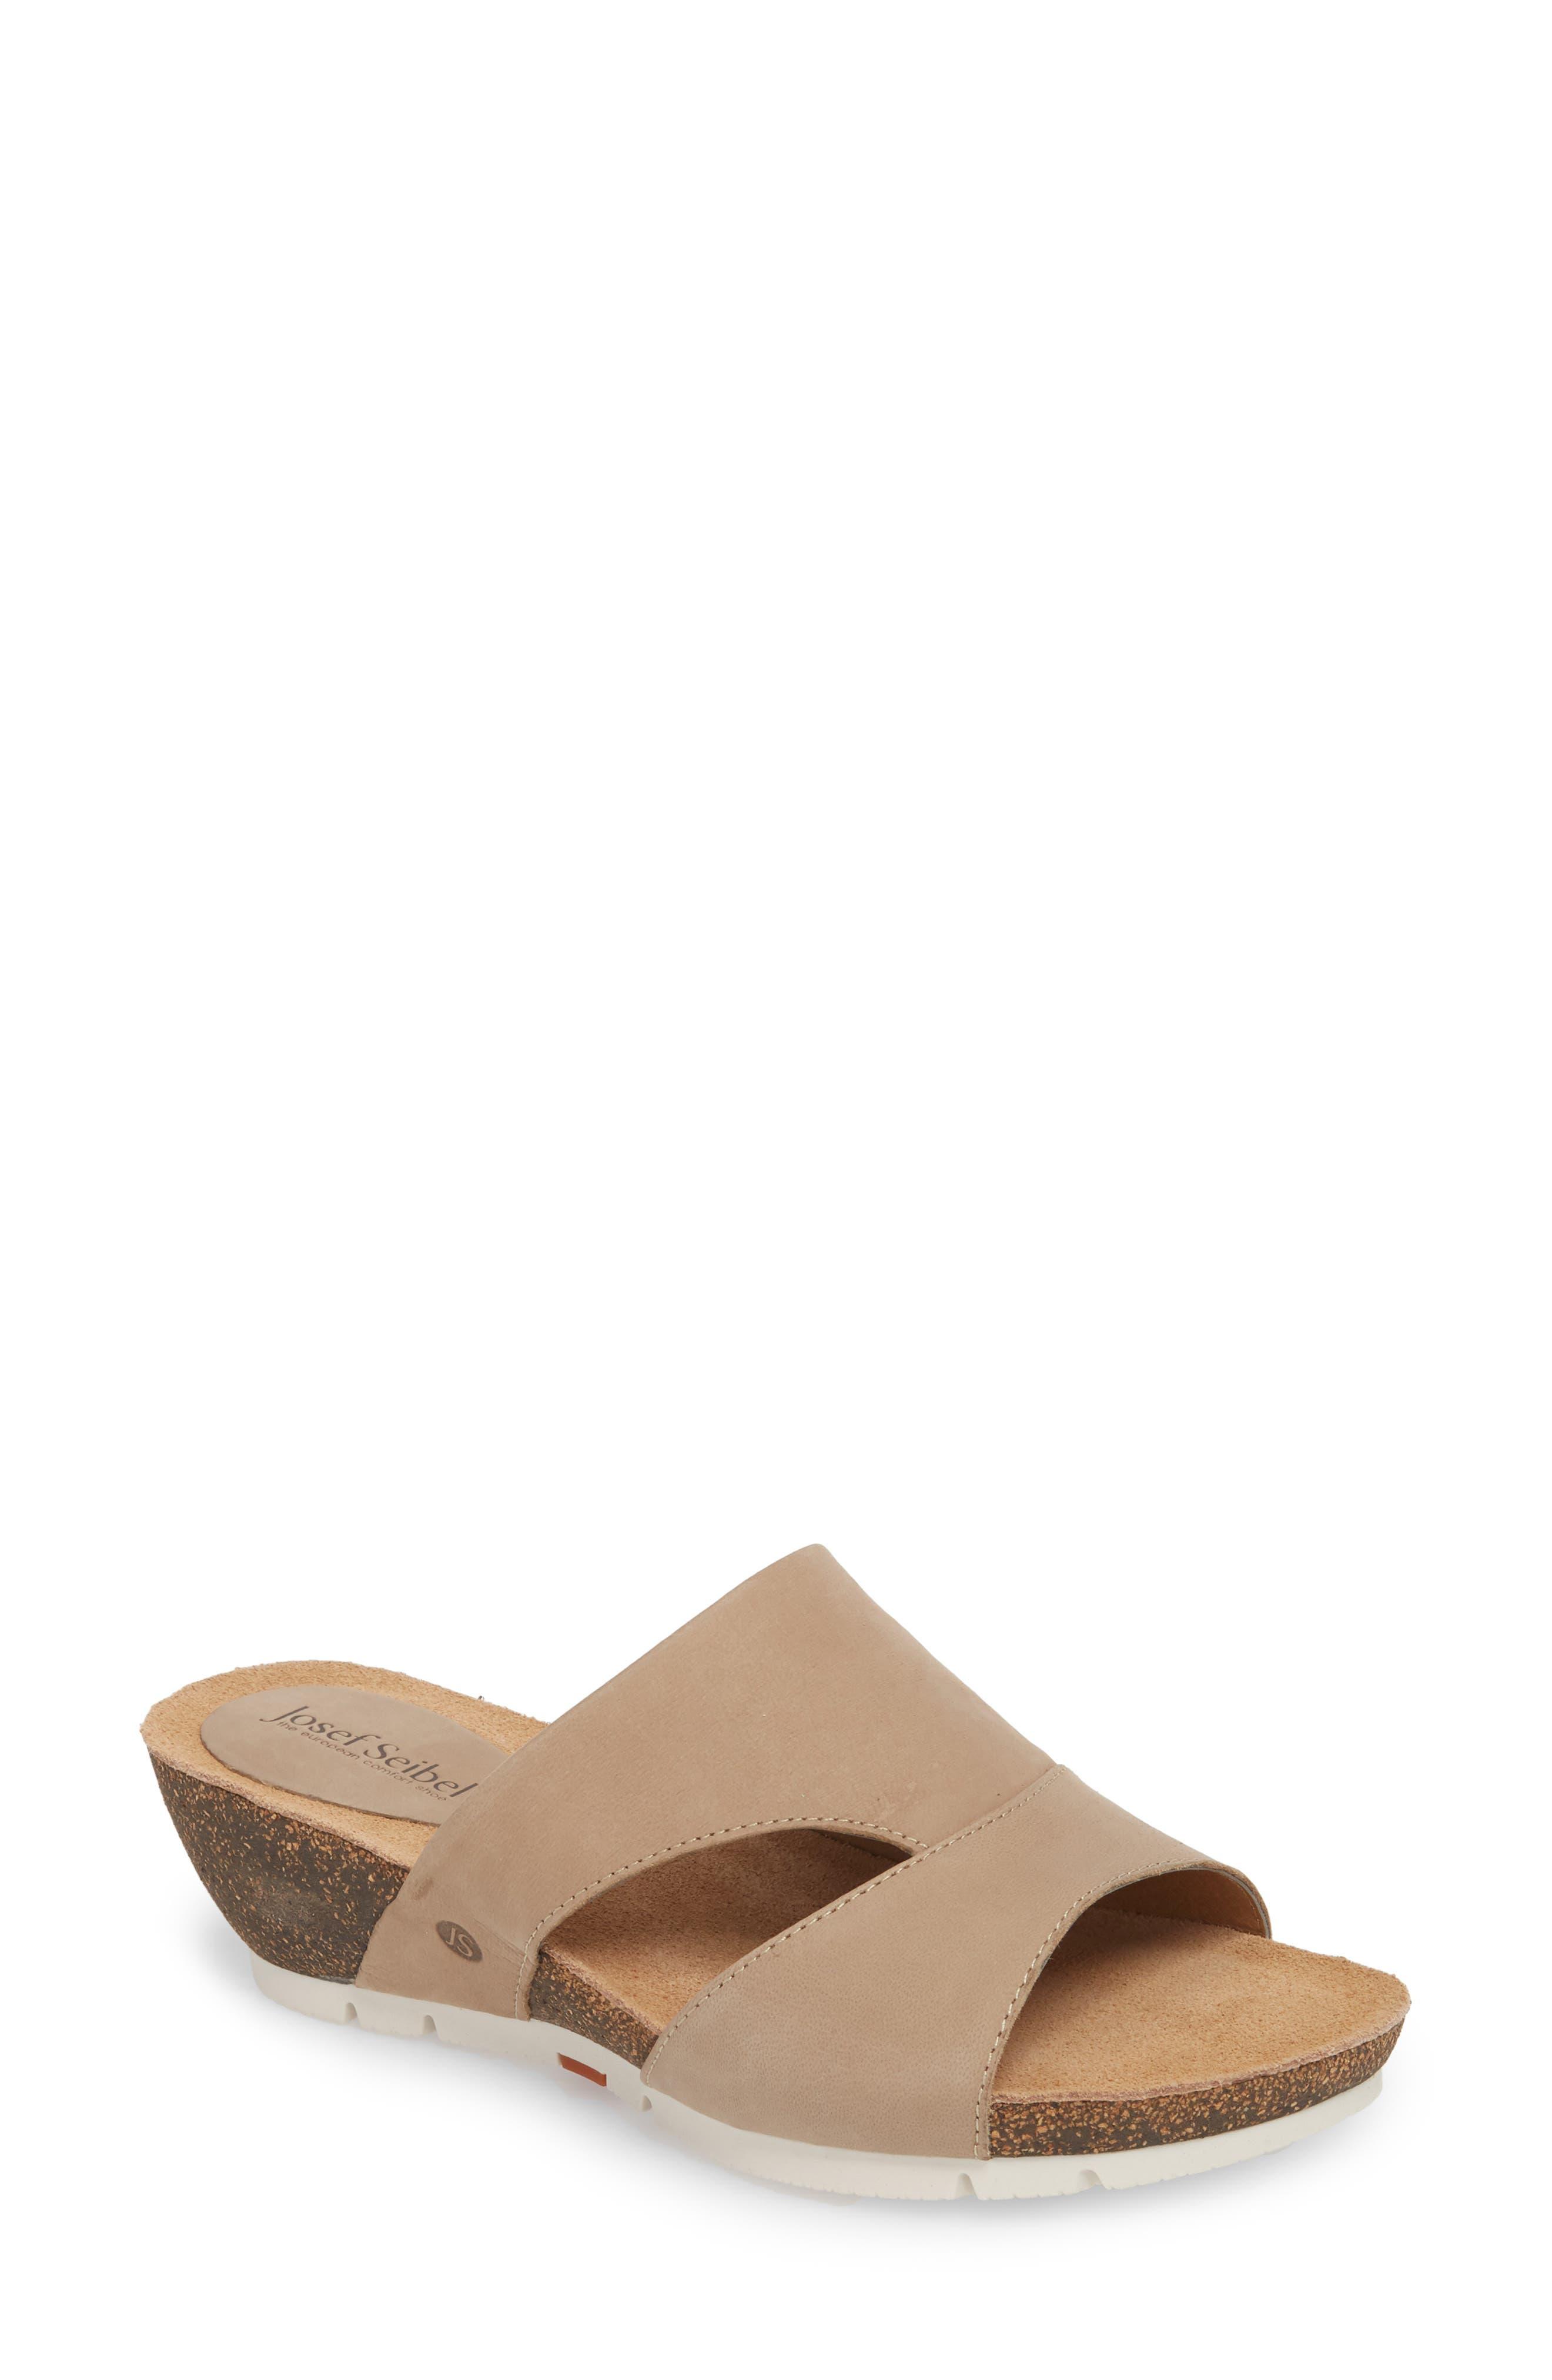 Hailey 40 Slide Sandal,                         Main,                         color,